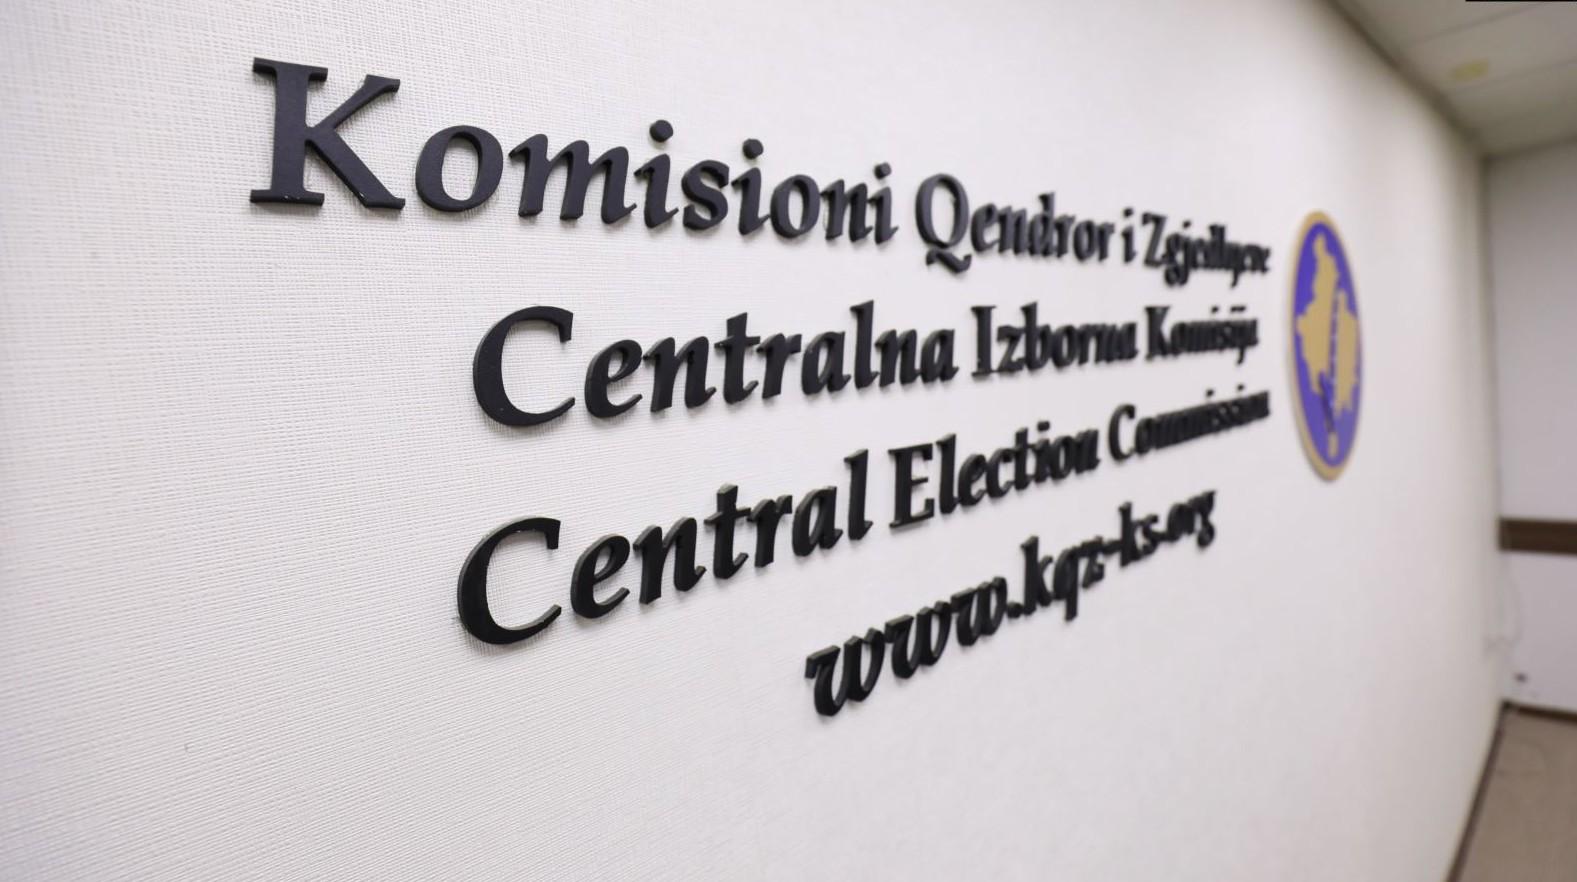 Hapet afati i aplikimit për certifikim të subjekteve politike për zgjedhjet lokale